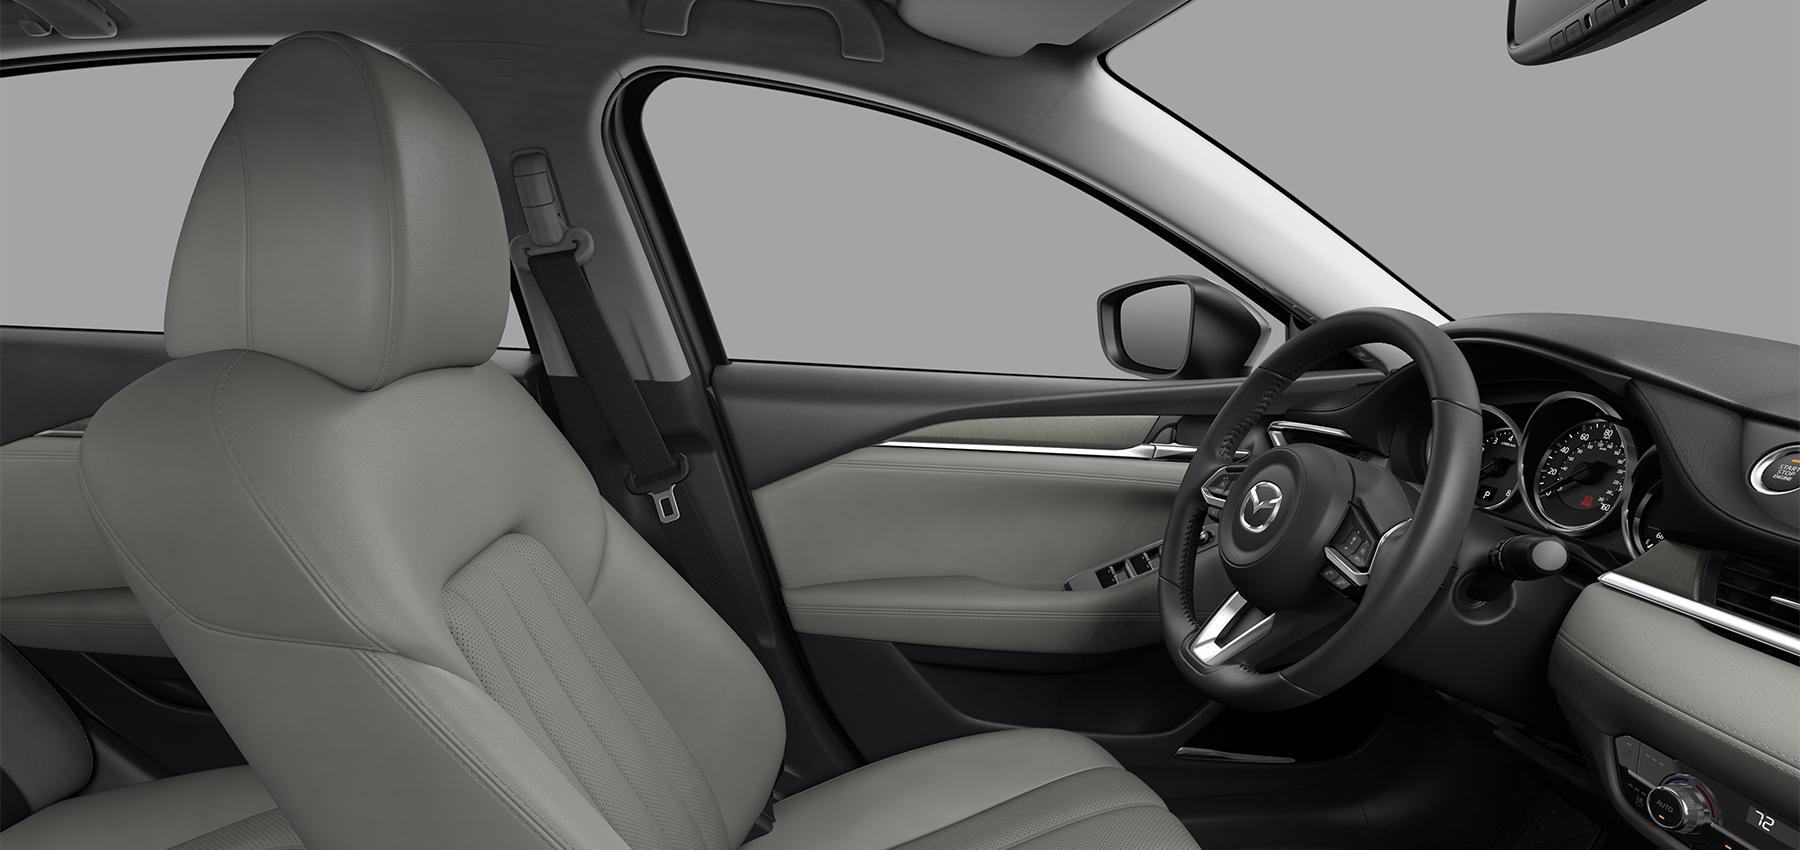 New 2021 Mazda Mazda6 Carbon Edition Sedan in Hamden # ...